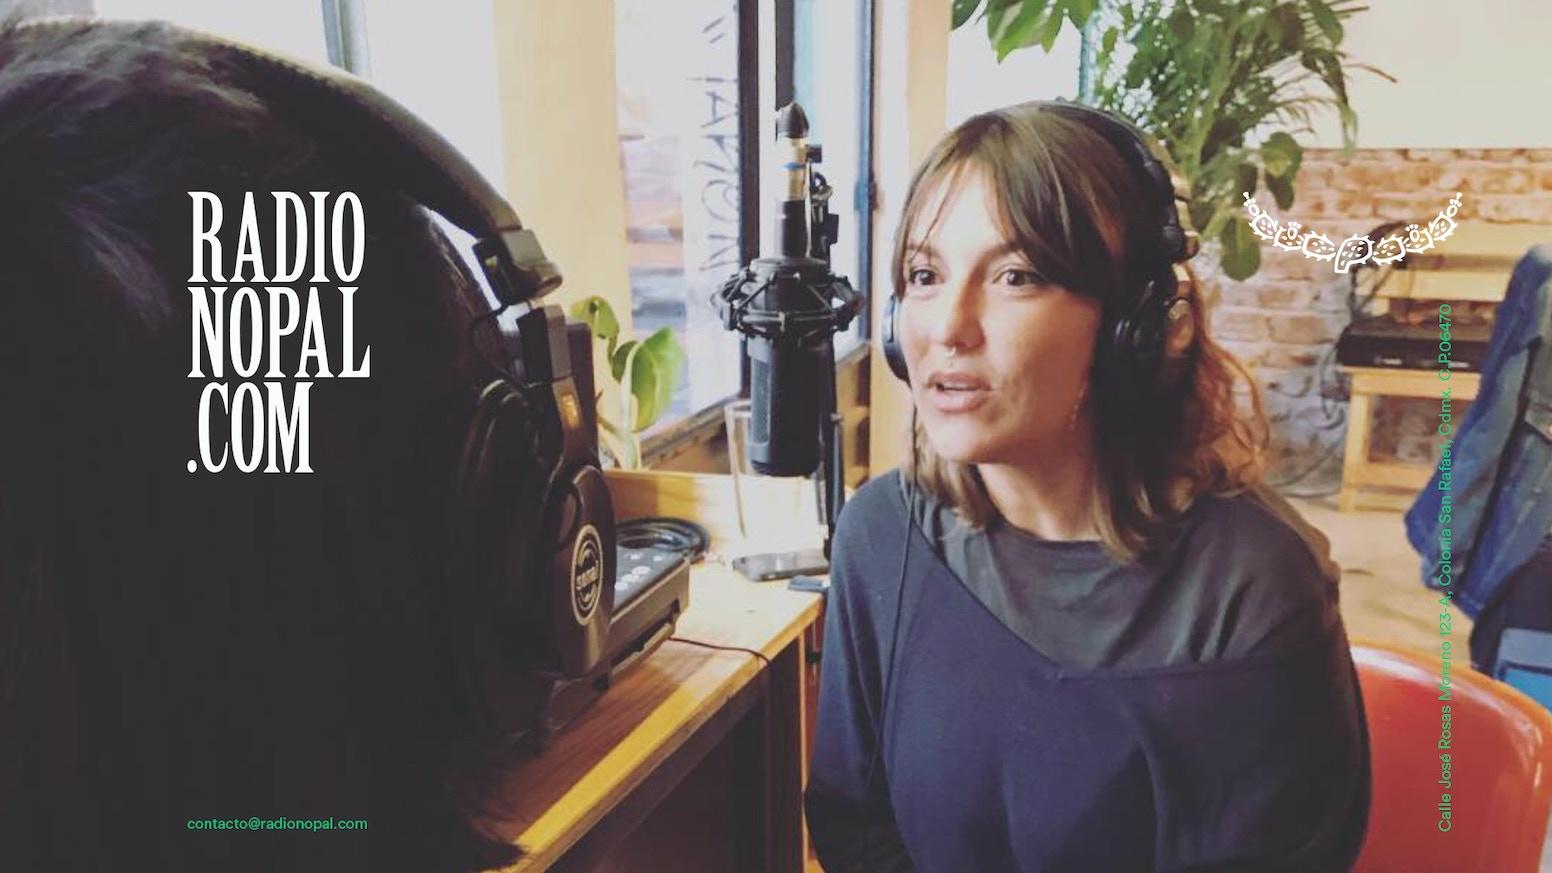 Radio Nopal es una estación de radio colectiva por internet localizada en la Ciudad de México.